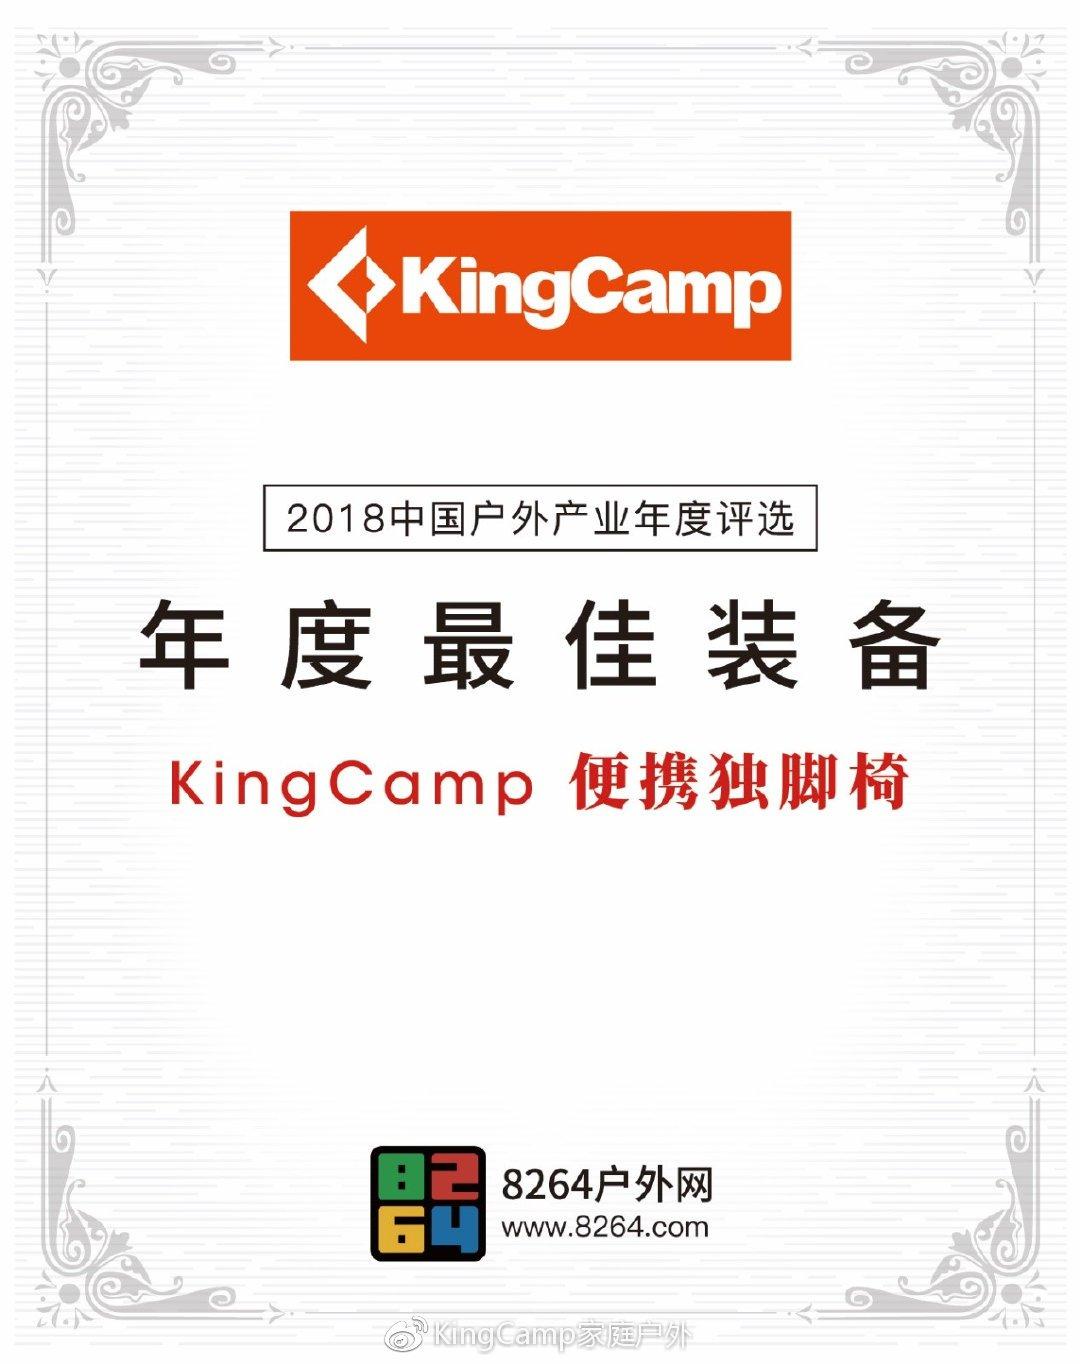 中国户外产业年度评选公布获奖名单 KingCamp揽下年